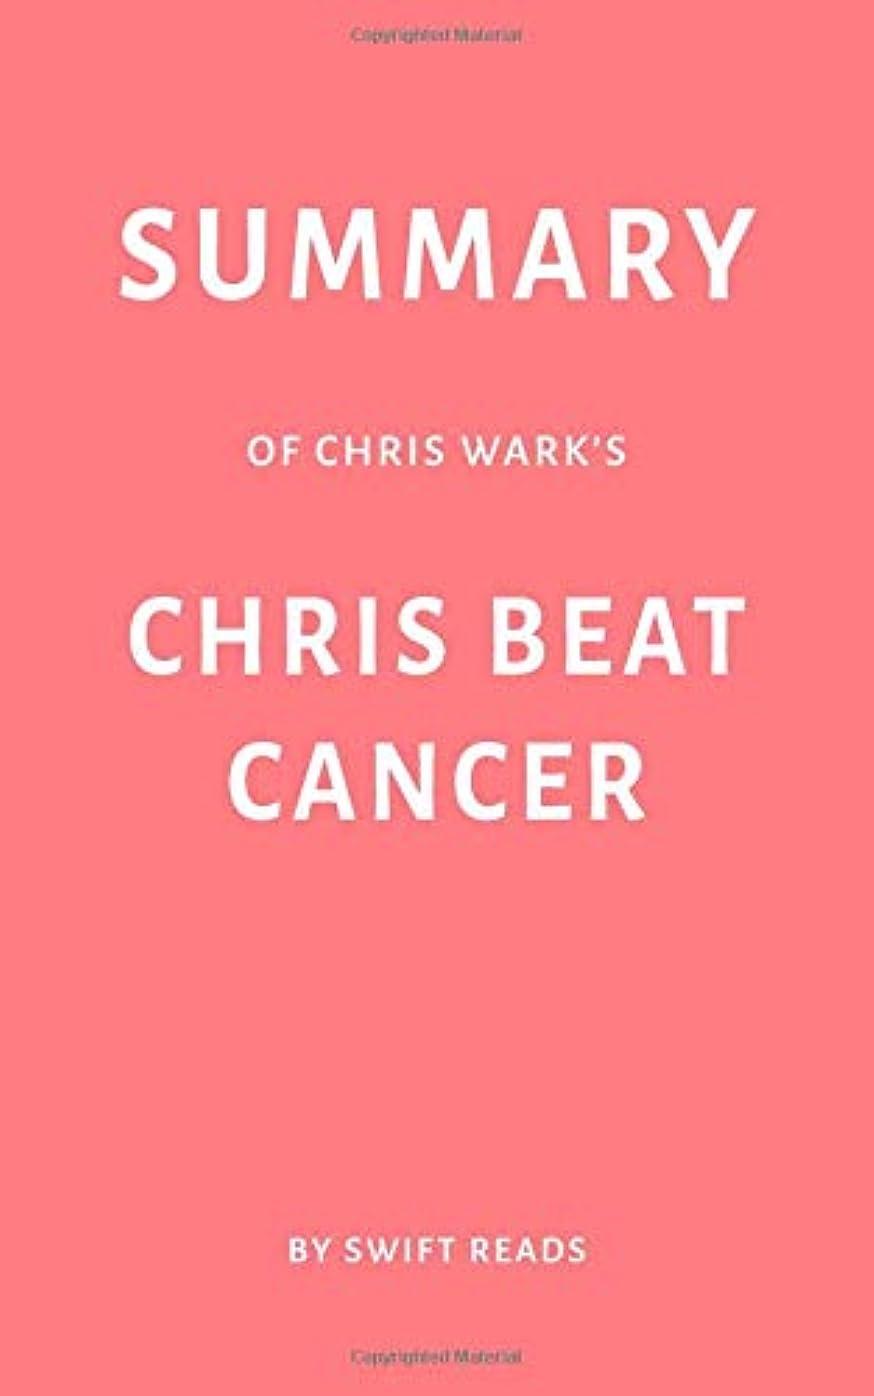 毒性記者ボリュームSummary of Chris Wark's Chris Beat Cancer by Swift Reads